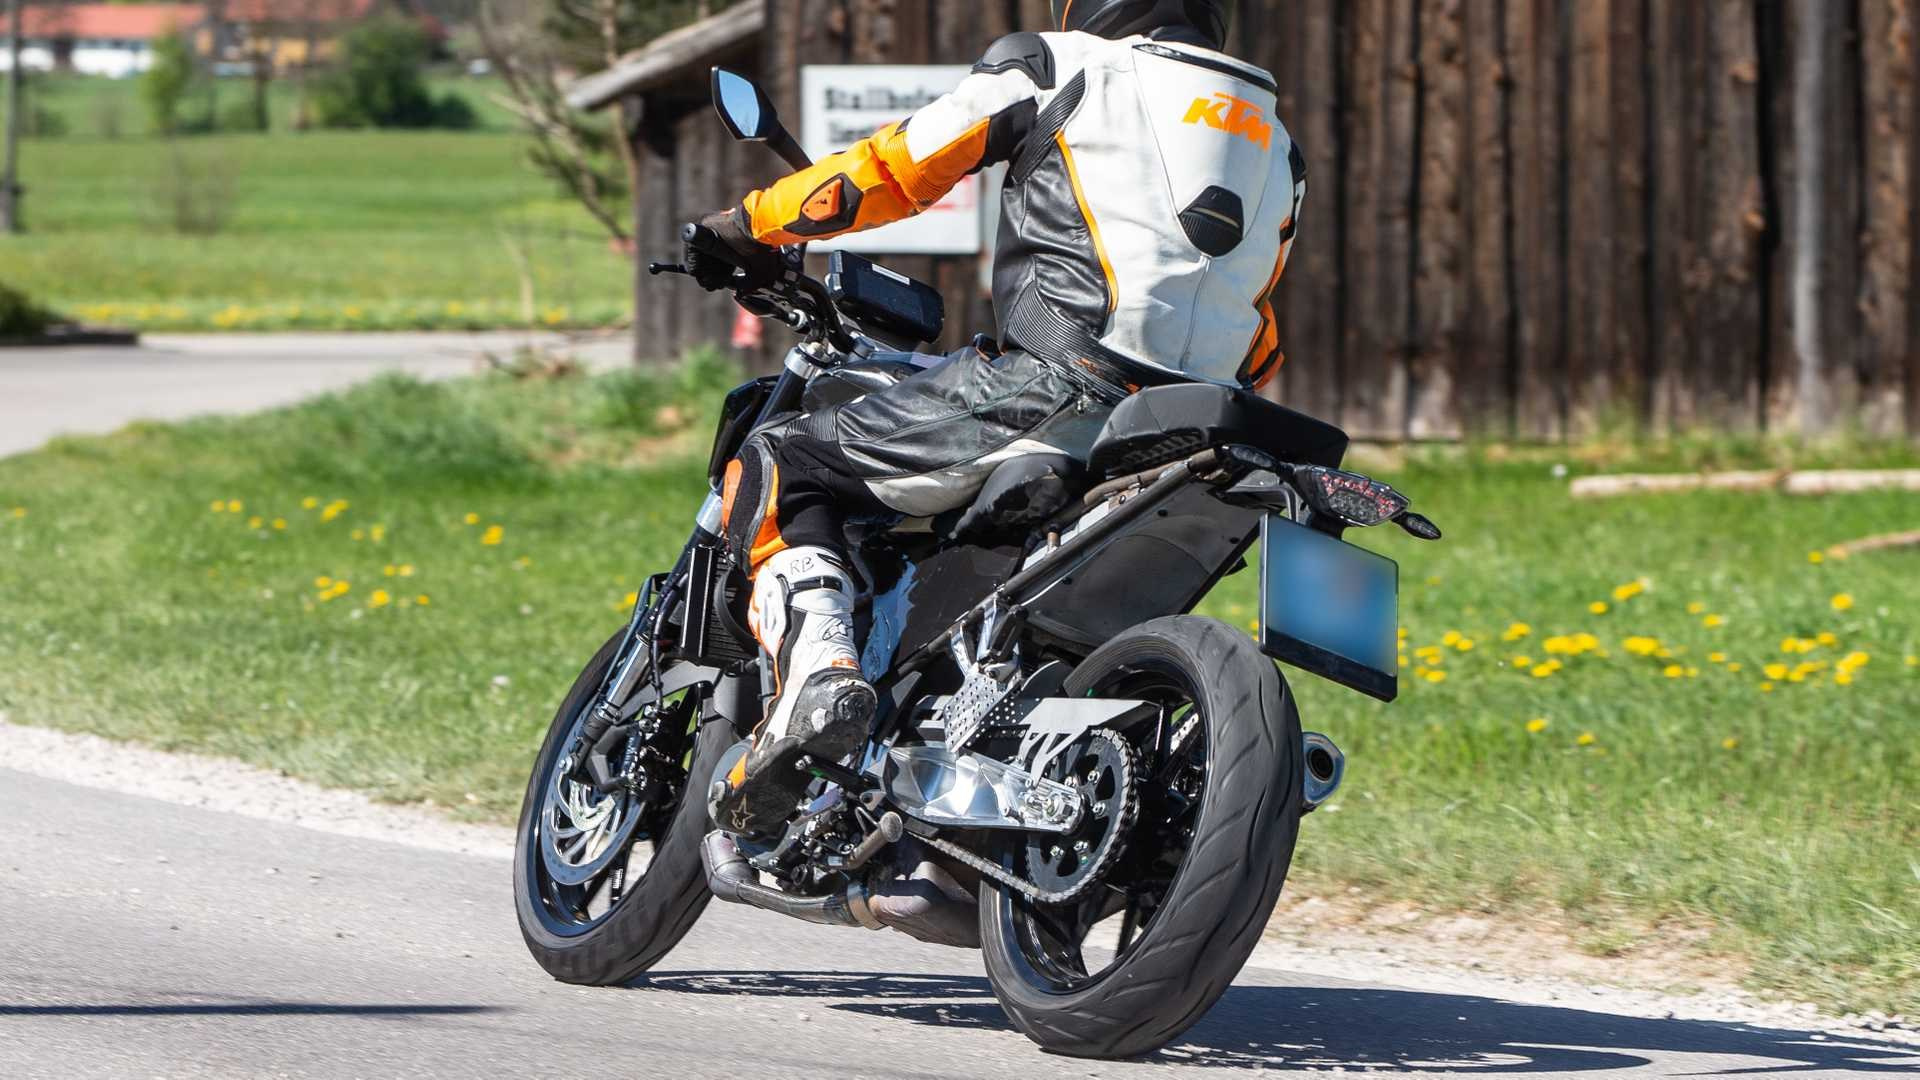 All new Duke 390 prototype for 2021 back seat